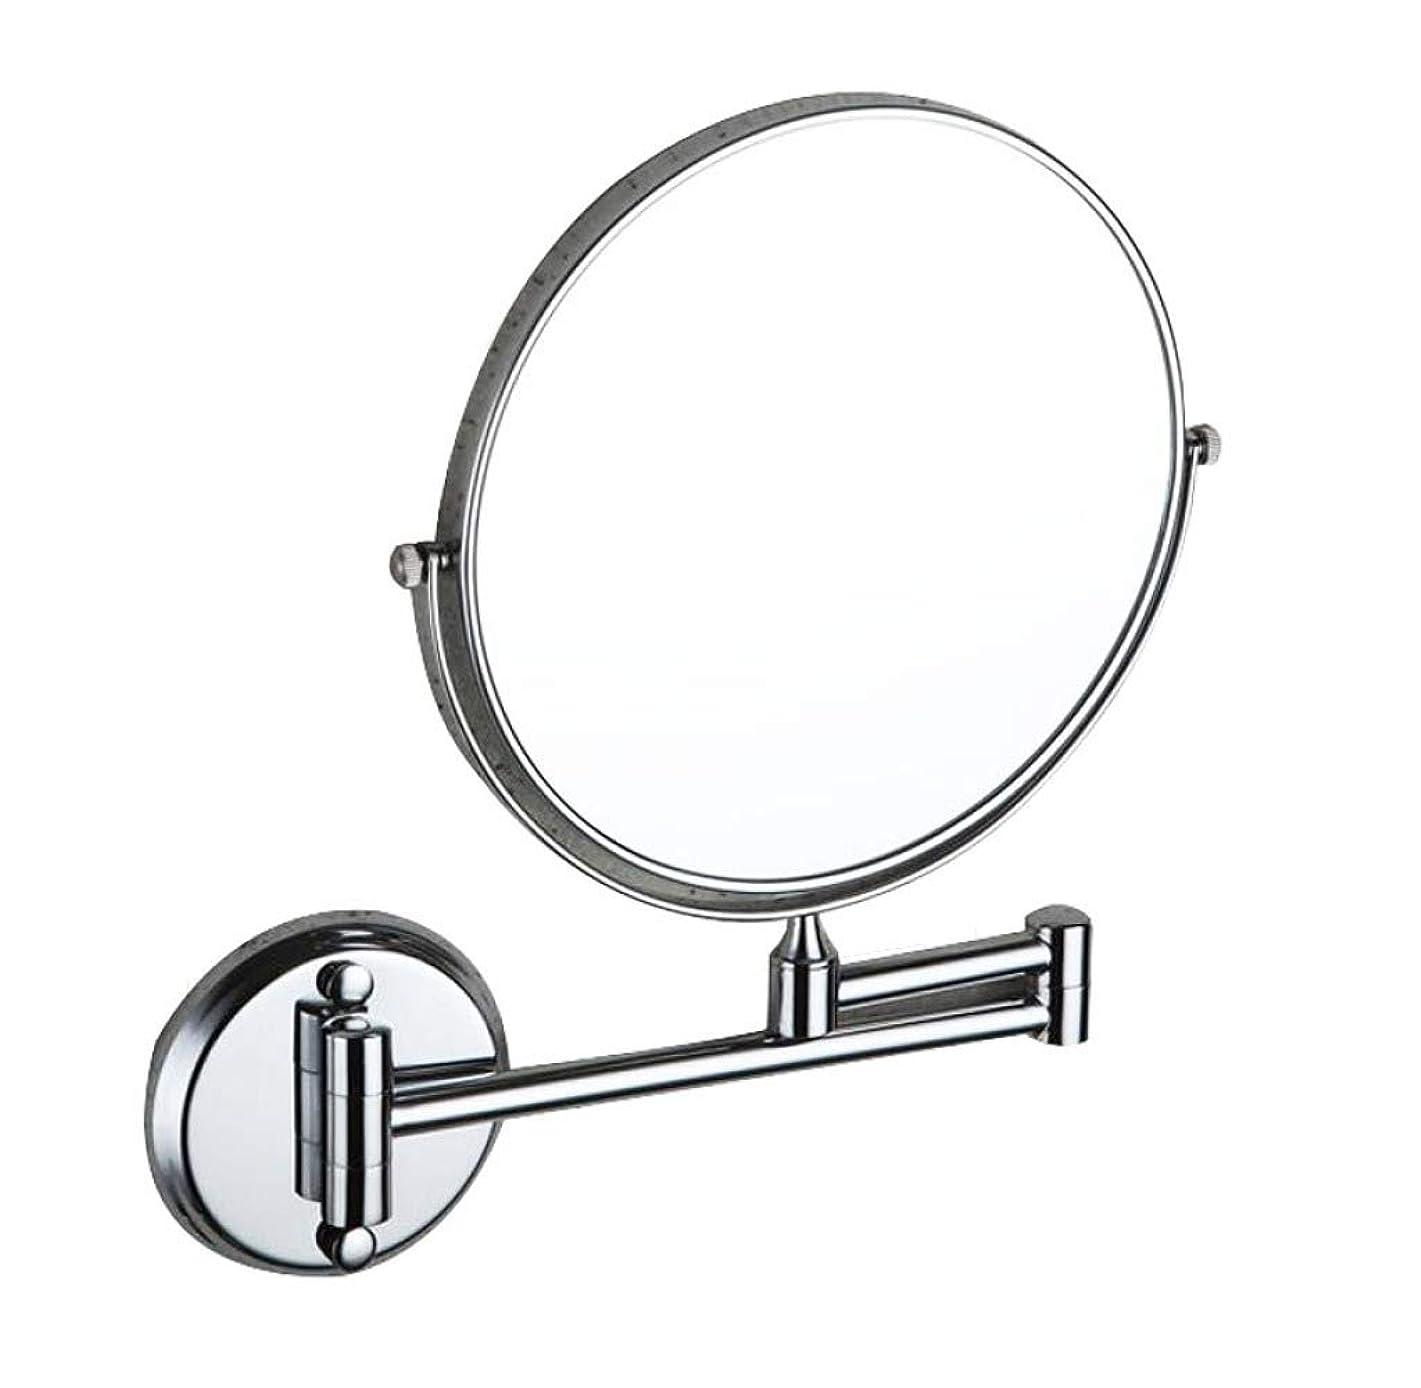 ヒギンズ野なストローHUYYA シェービングミラー 壁付、バスルームメイクアップミラー 3 倍拡大鏡 バニティミラー 両面 化粧鏡 折りたたみ 寝室や浴室に適しています,Silver_6inch